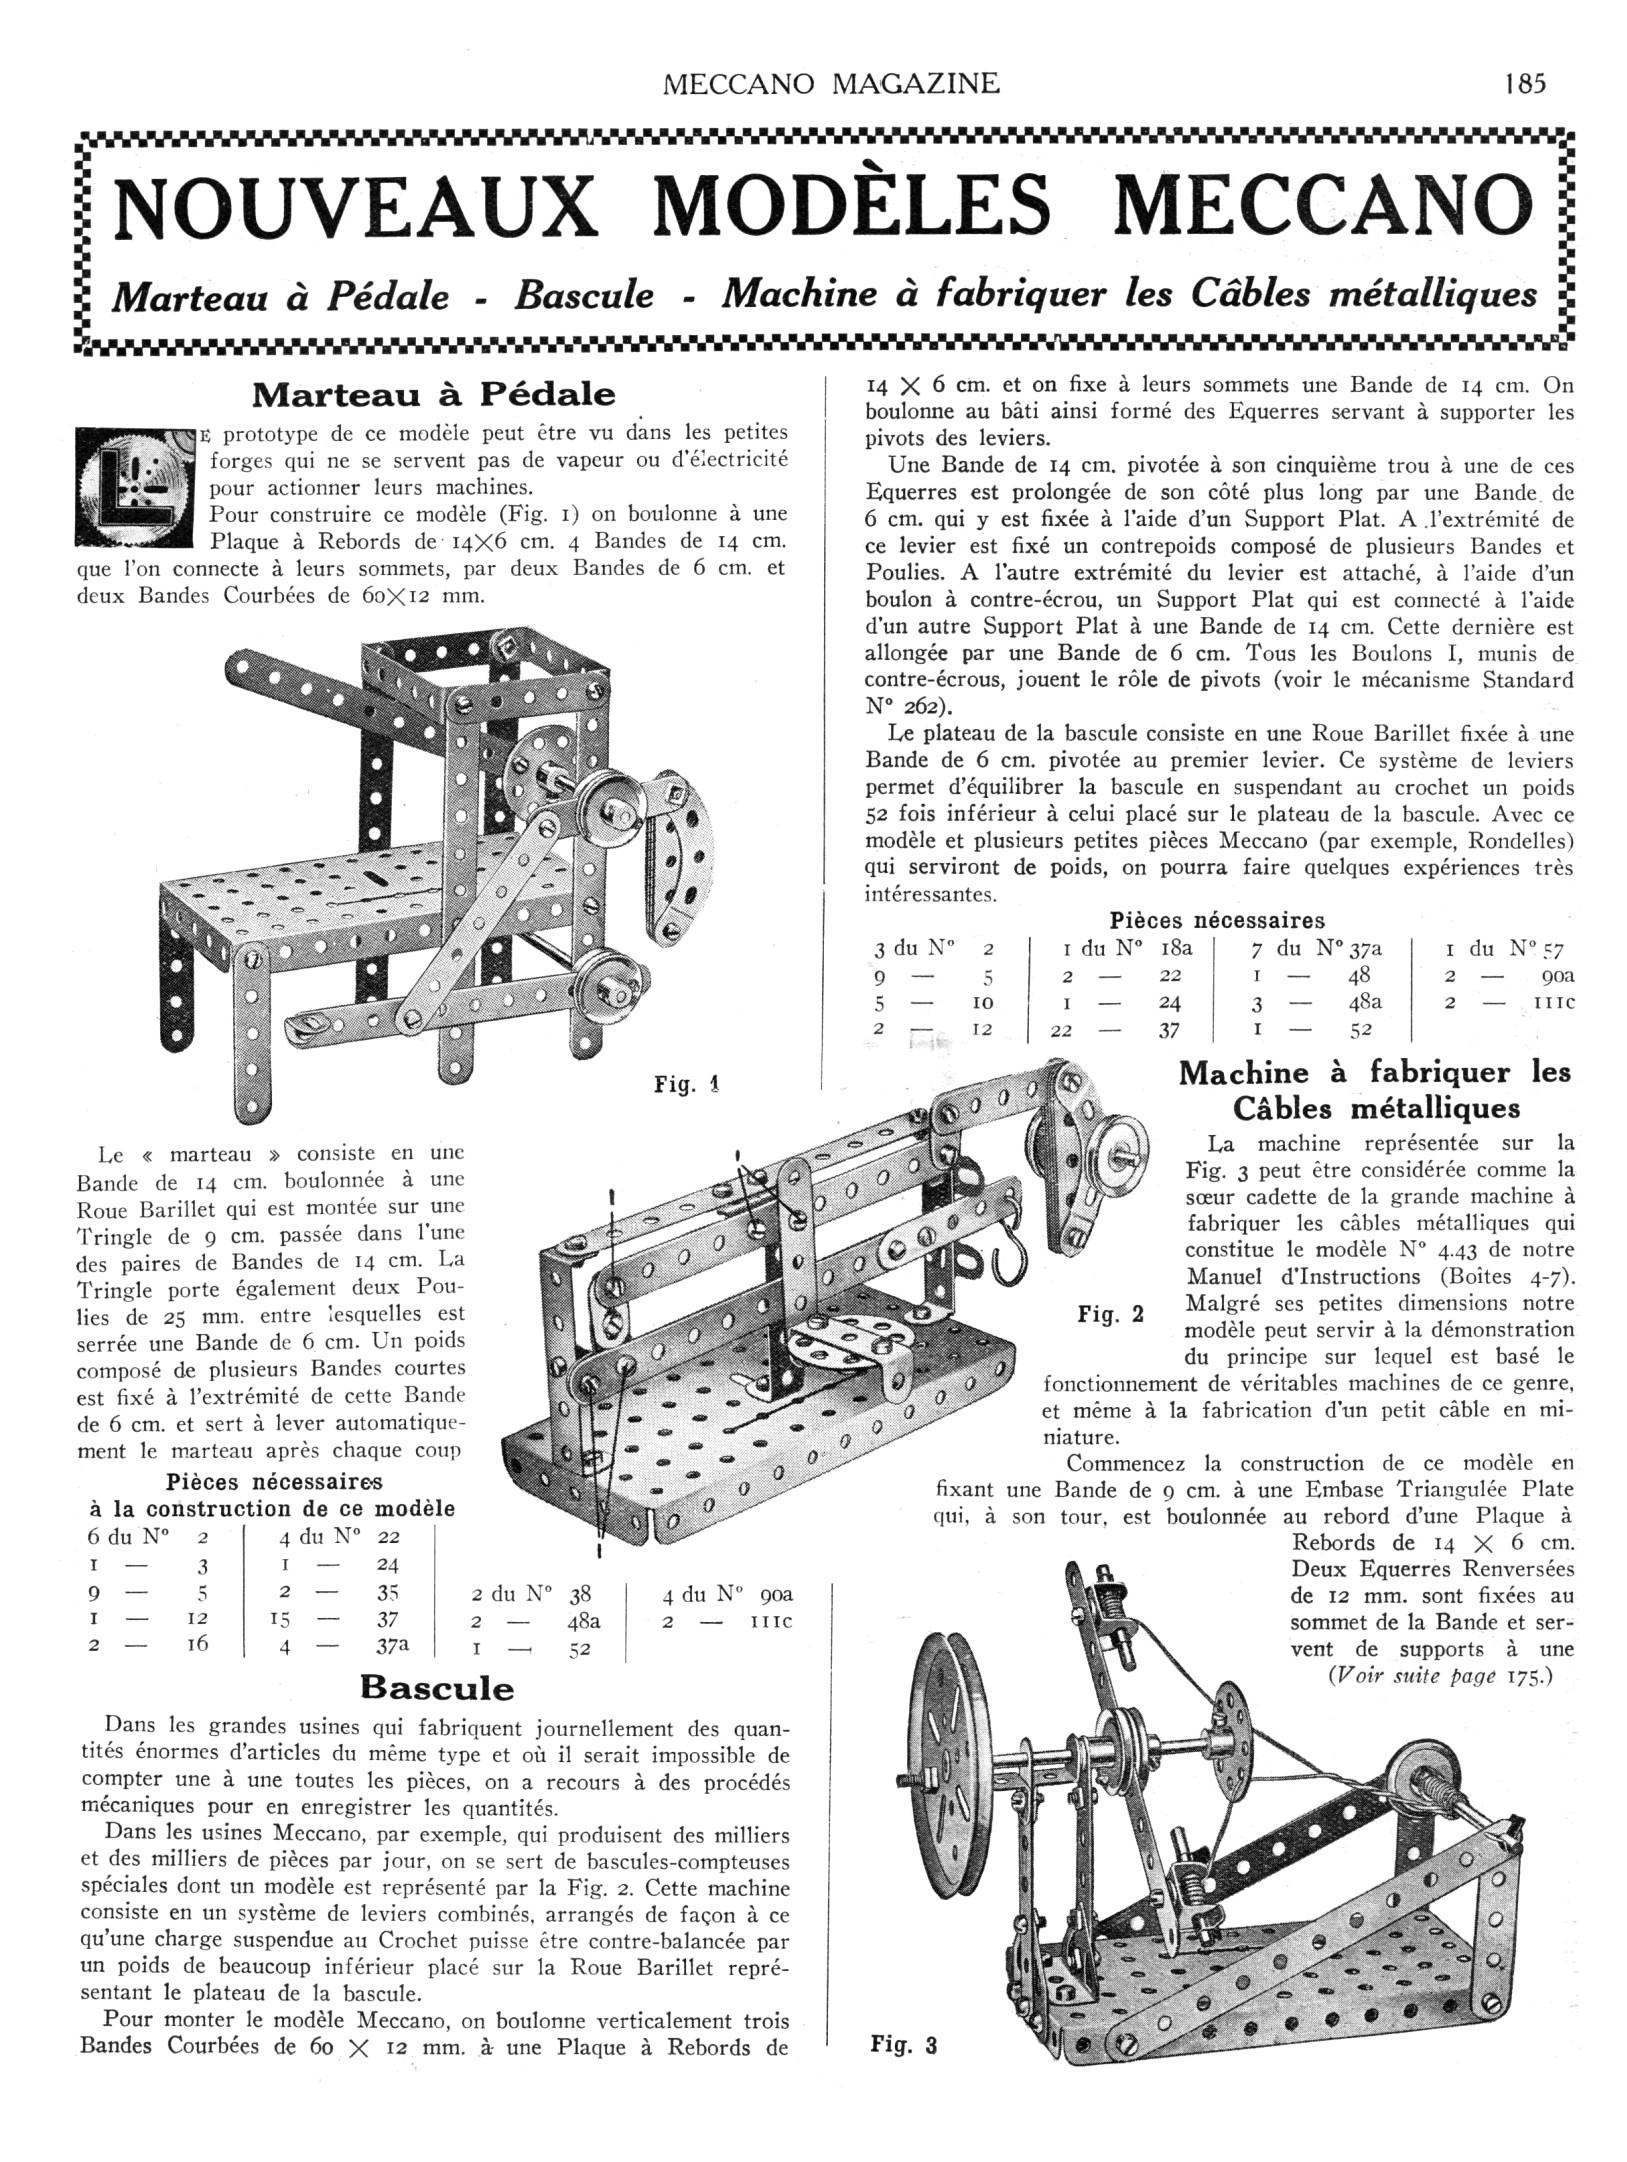 Meccano Magazine Français November 1929 Page 185